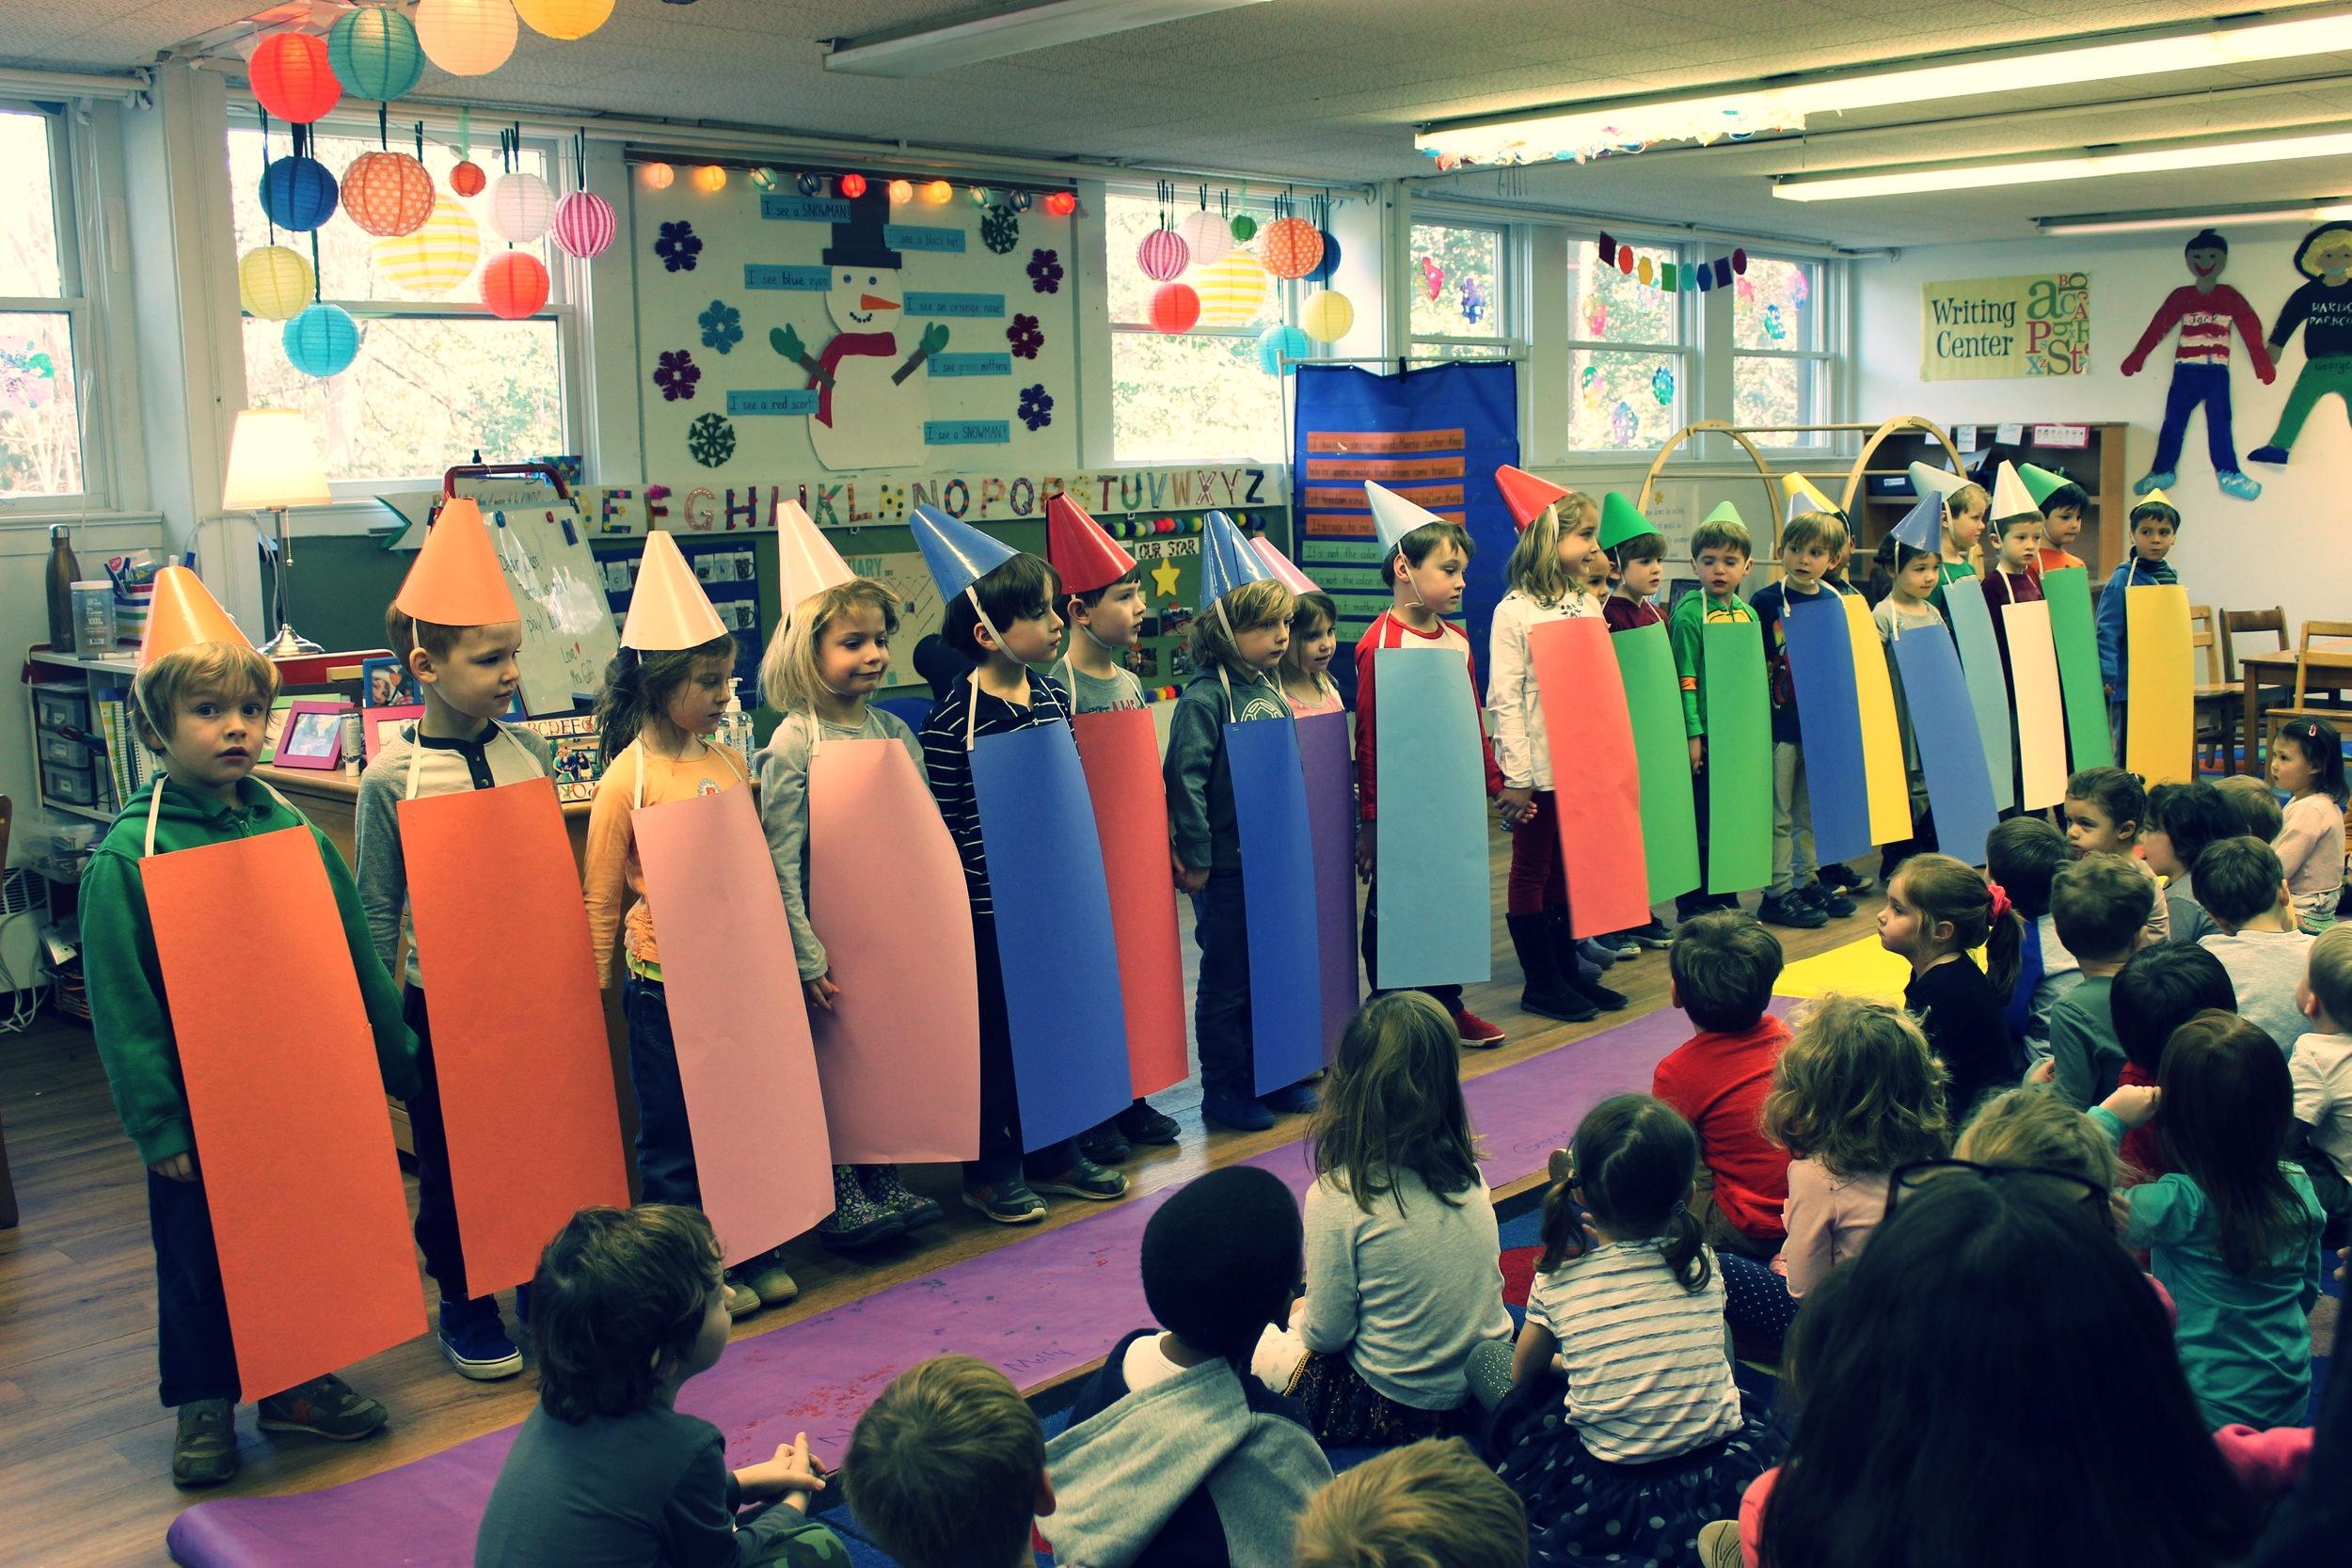 Swarthmore Friends Nursery School